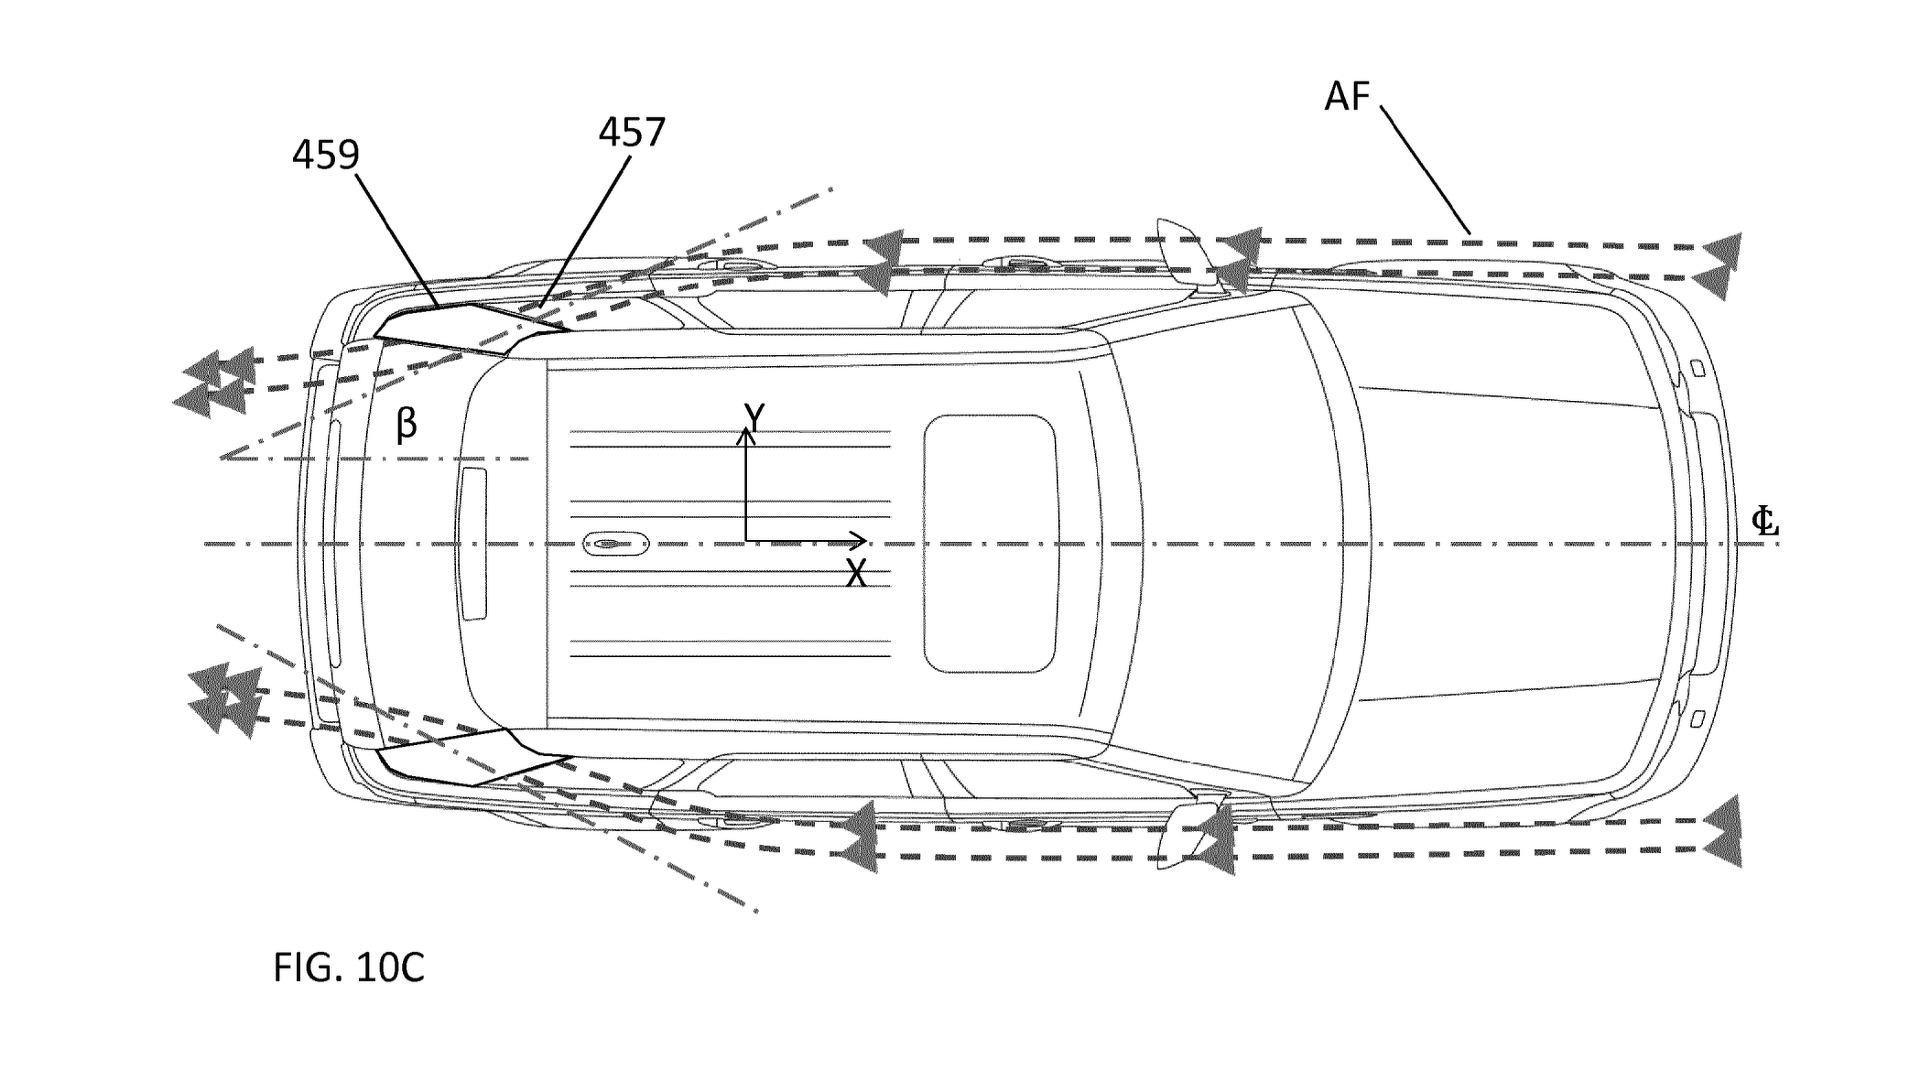 jaguar-land-rover-aero-patent (18)